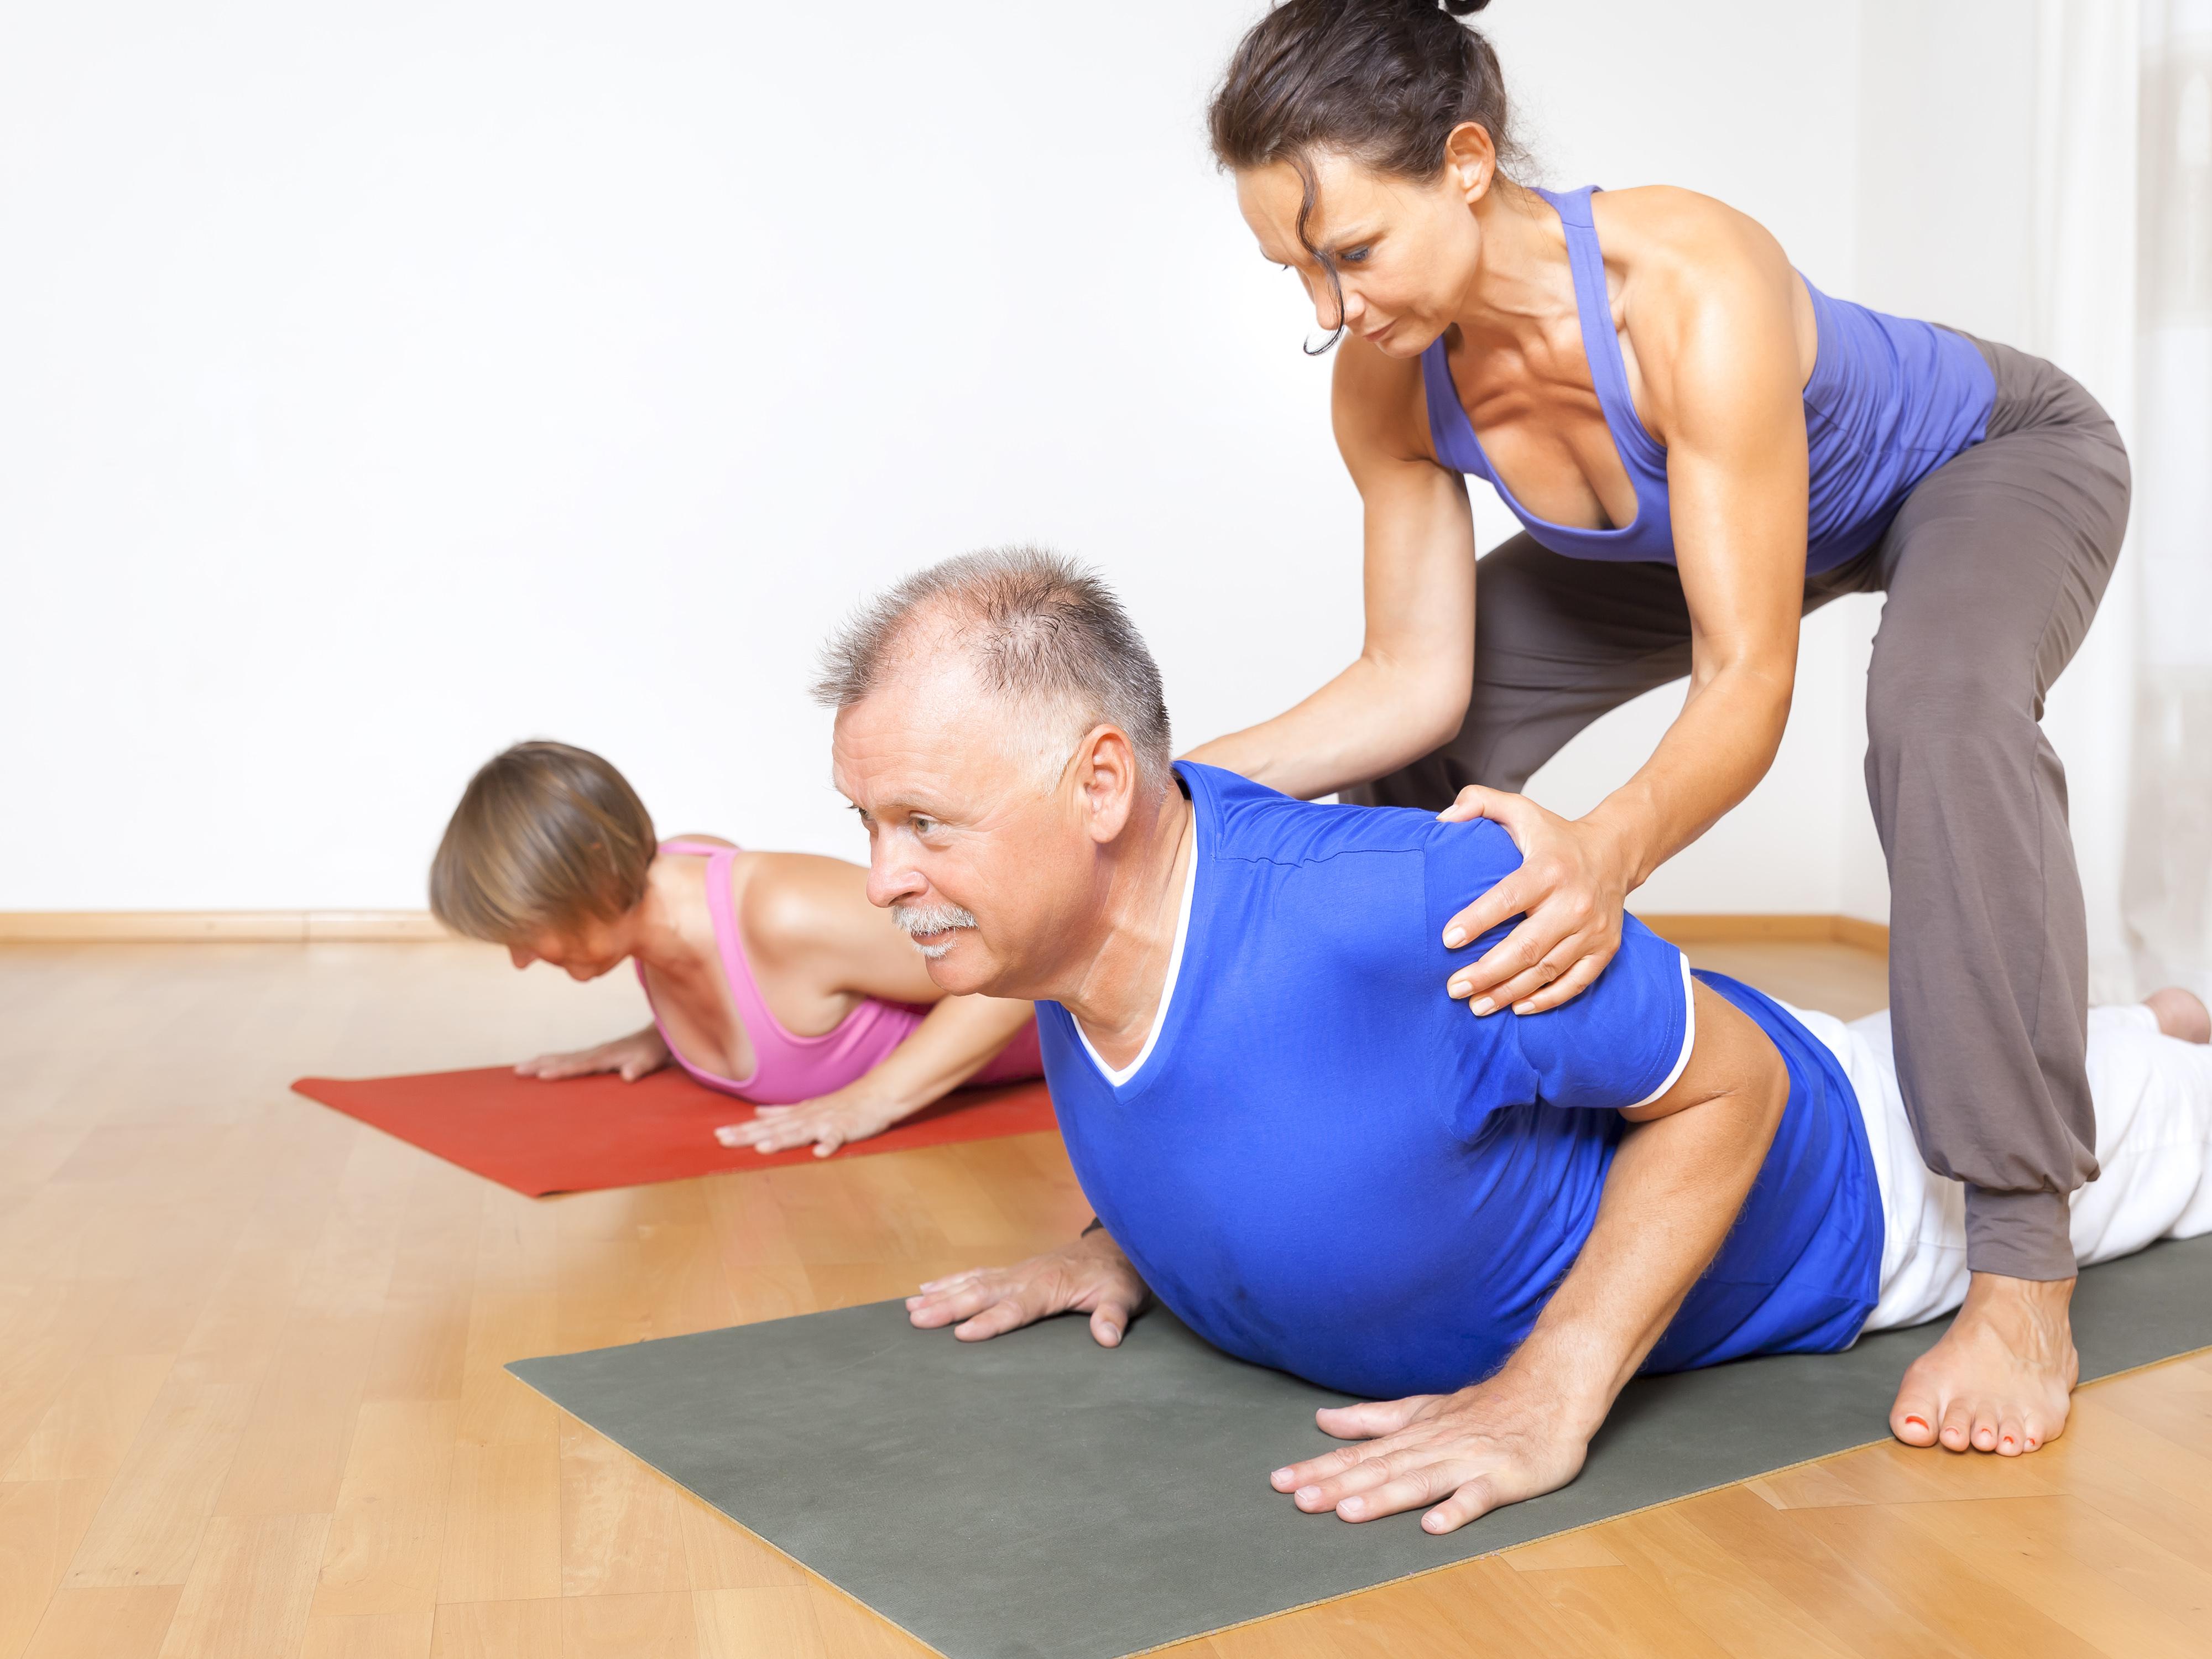 Deltagarna utförde särskilt anpassade yogasekvenser framtagna av artrosexperter för att avlasta lederna.